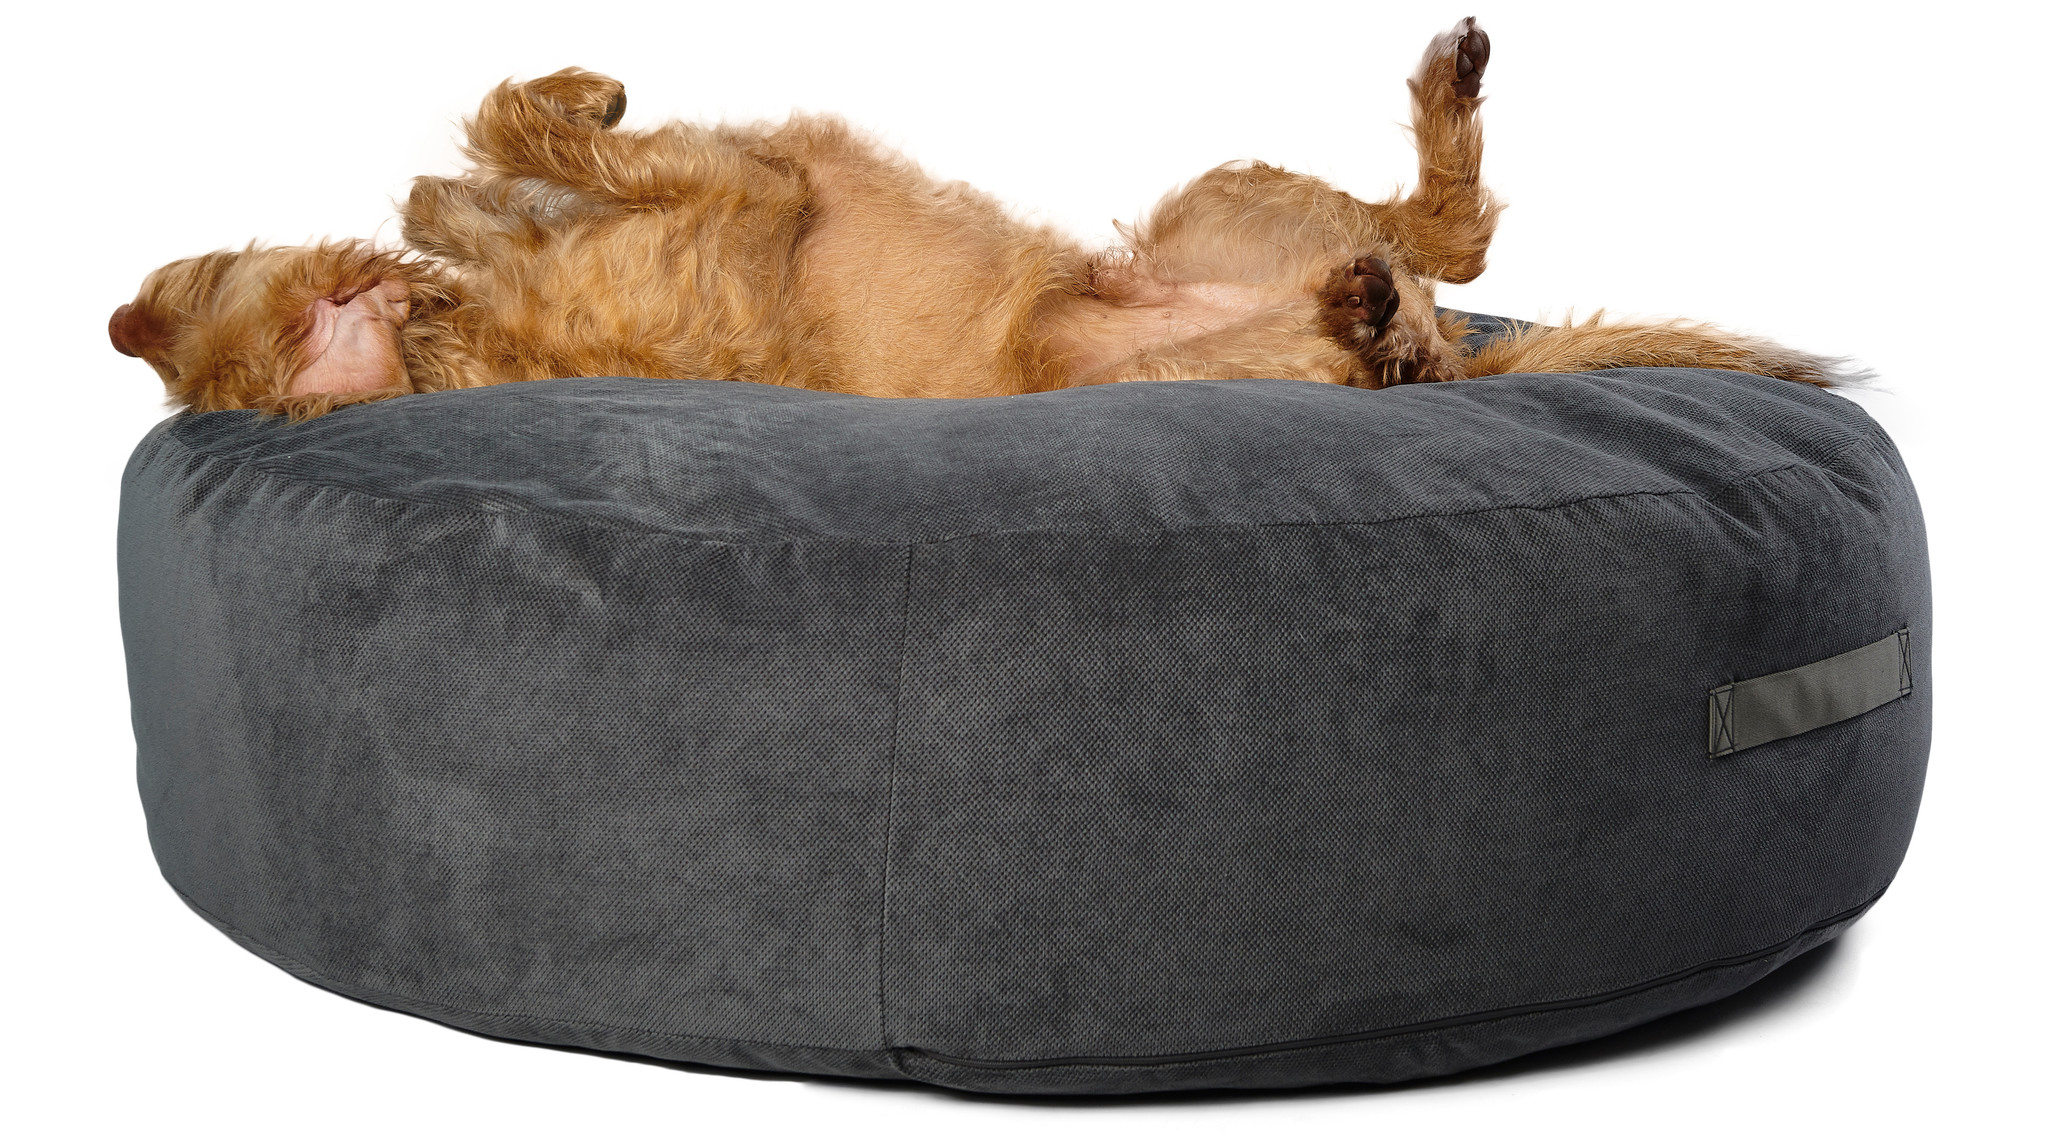 Hundebett Pouf - Polster Anthrazit